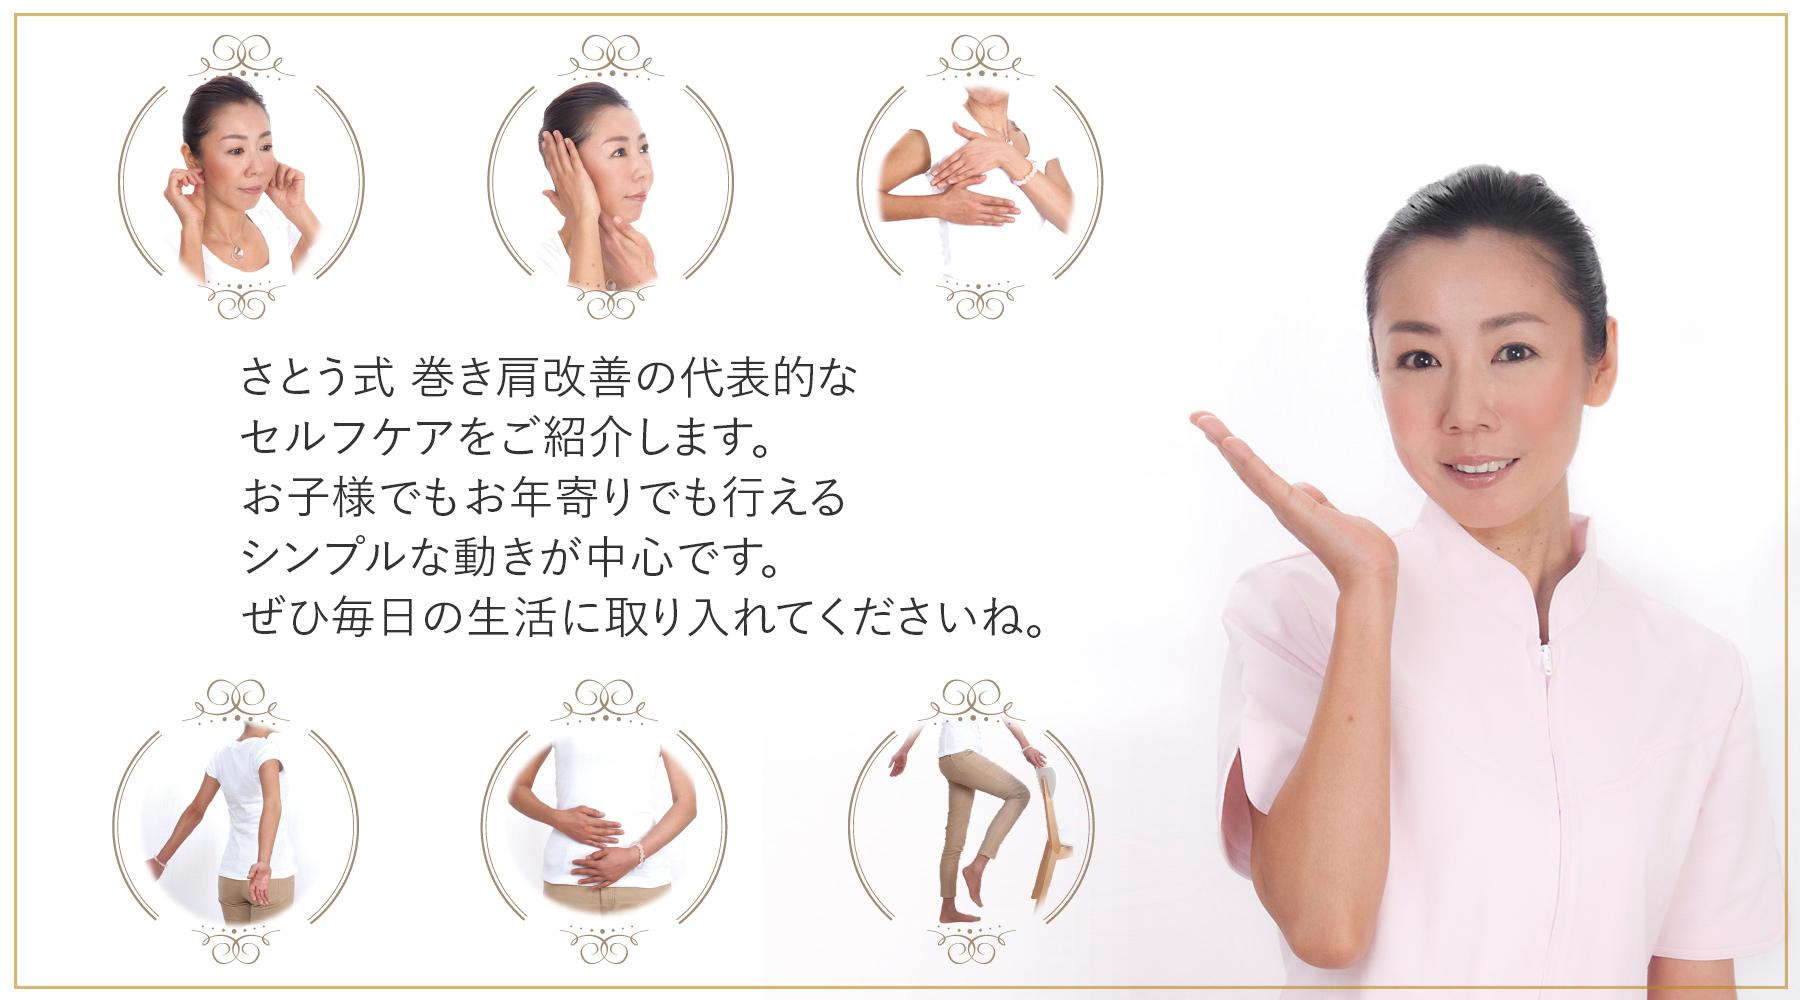 やってみようセルフケア_さとう式巻き肩改善の代表的なセルフケアをご紹介します。お子様でもお年寄りでも行えるシンプルな動きが中心です。ぜひ毎日の生活に取り入れてくださいね。